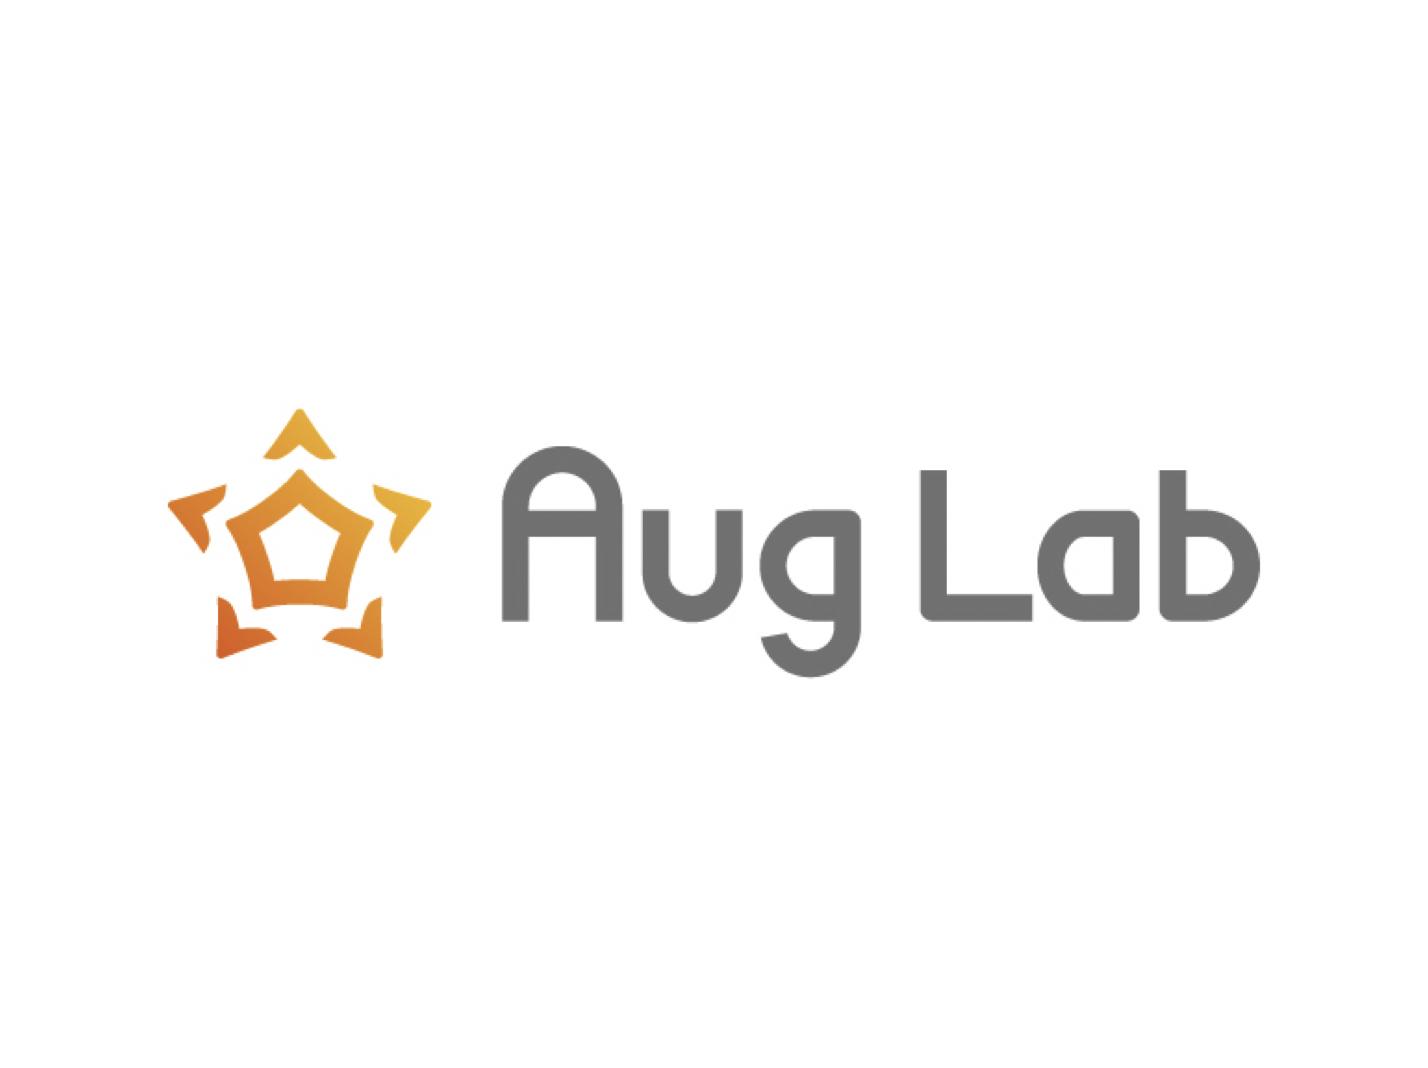 パナソニック | Well-Beingな社会の実現を目指す「Aug Lab」にて、パートナー2機関と共同研究プロジェクトを開始